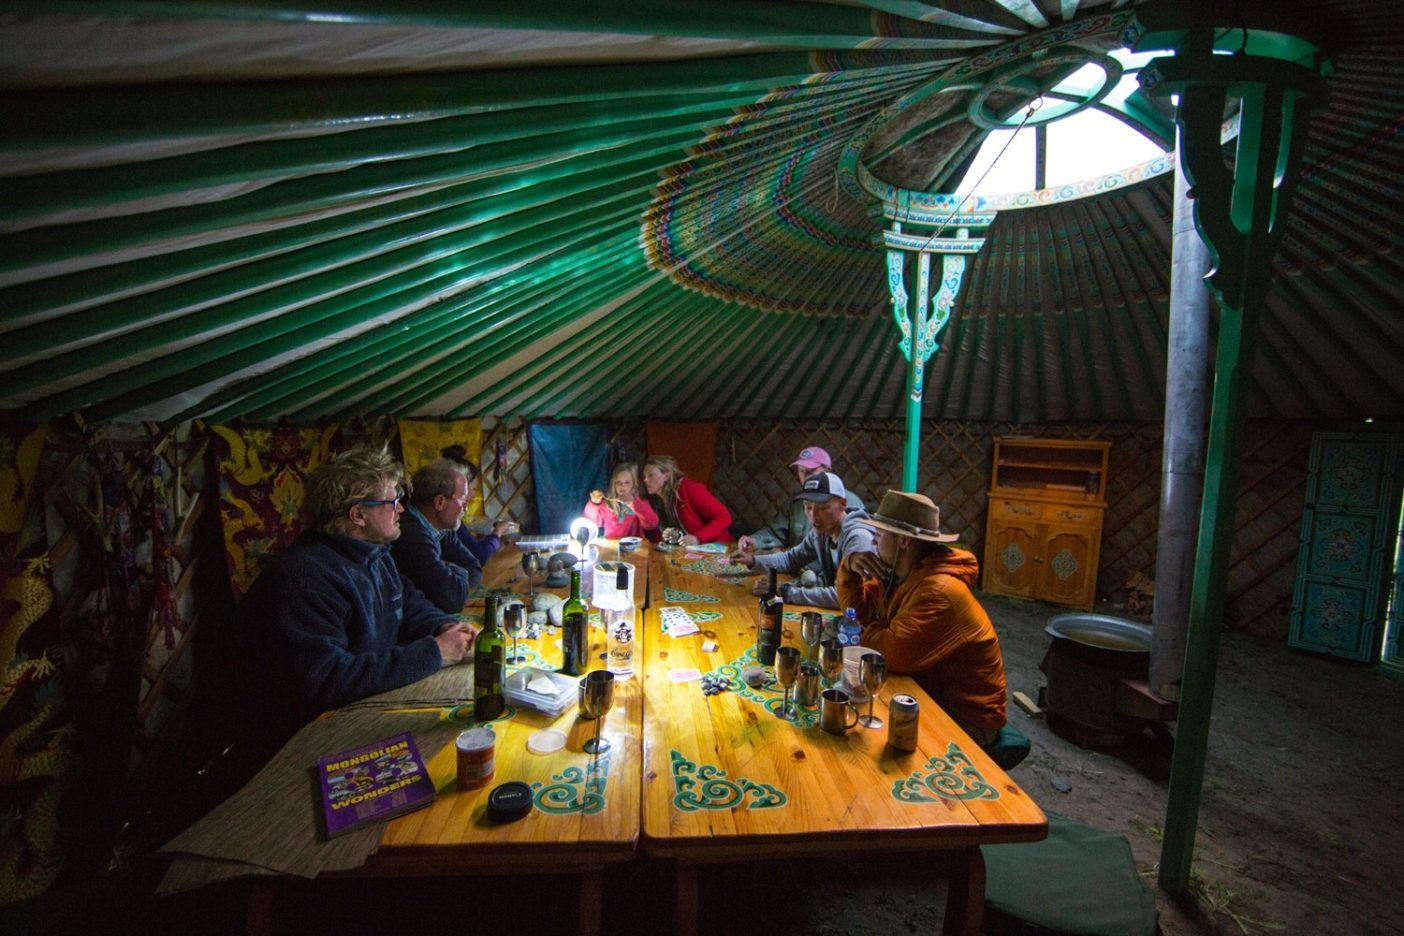 食堂用ゲルでは、おしゃべりとゲームと計画が飛び交う。Photo: Andrew Burr